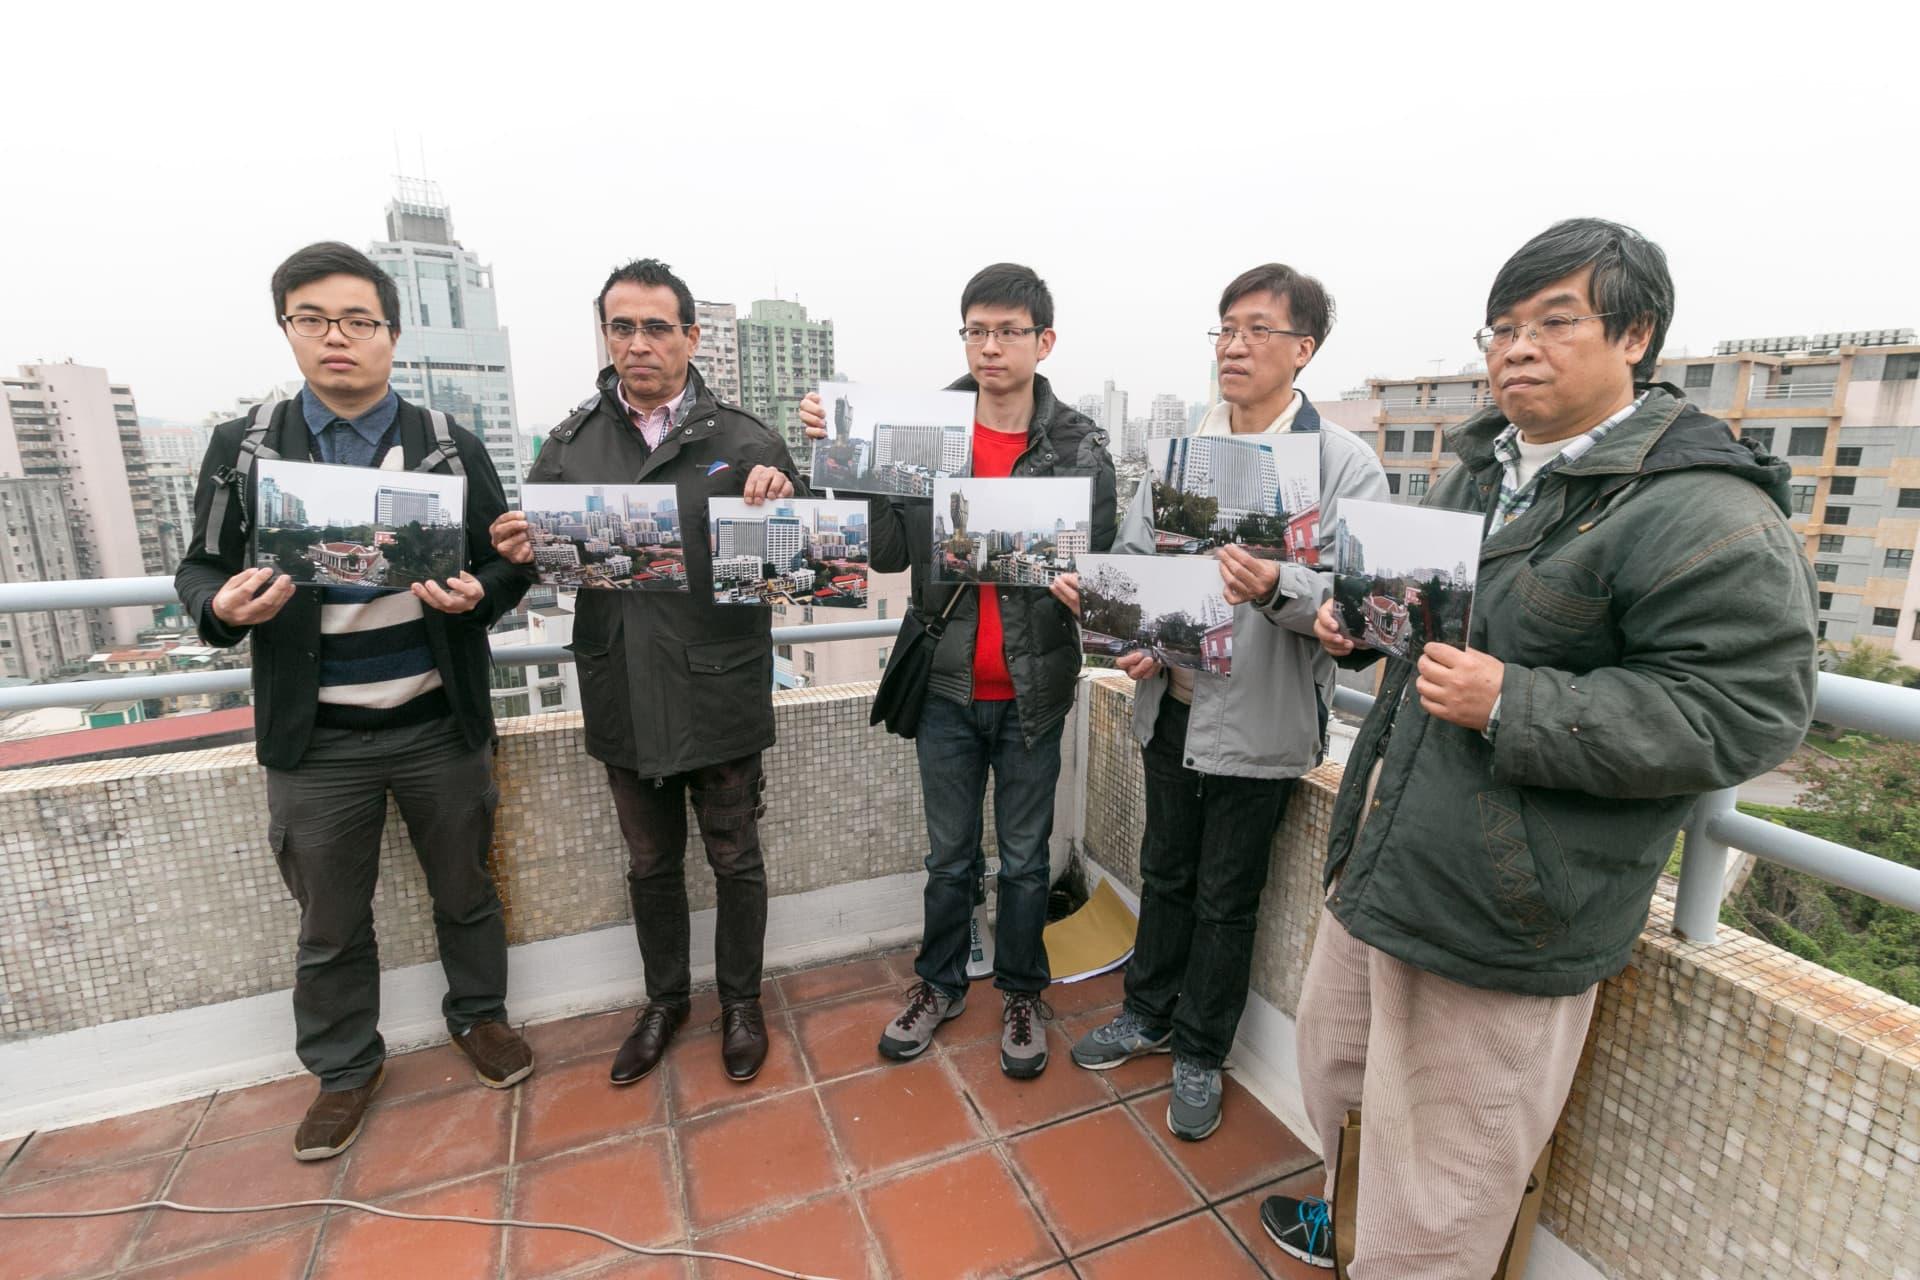 立法議員高天賜、區錦新、吳國昌及學社理事長鄭明軒都有參與視察。